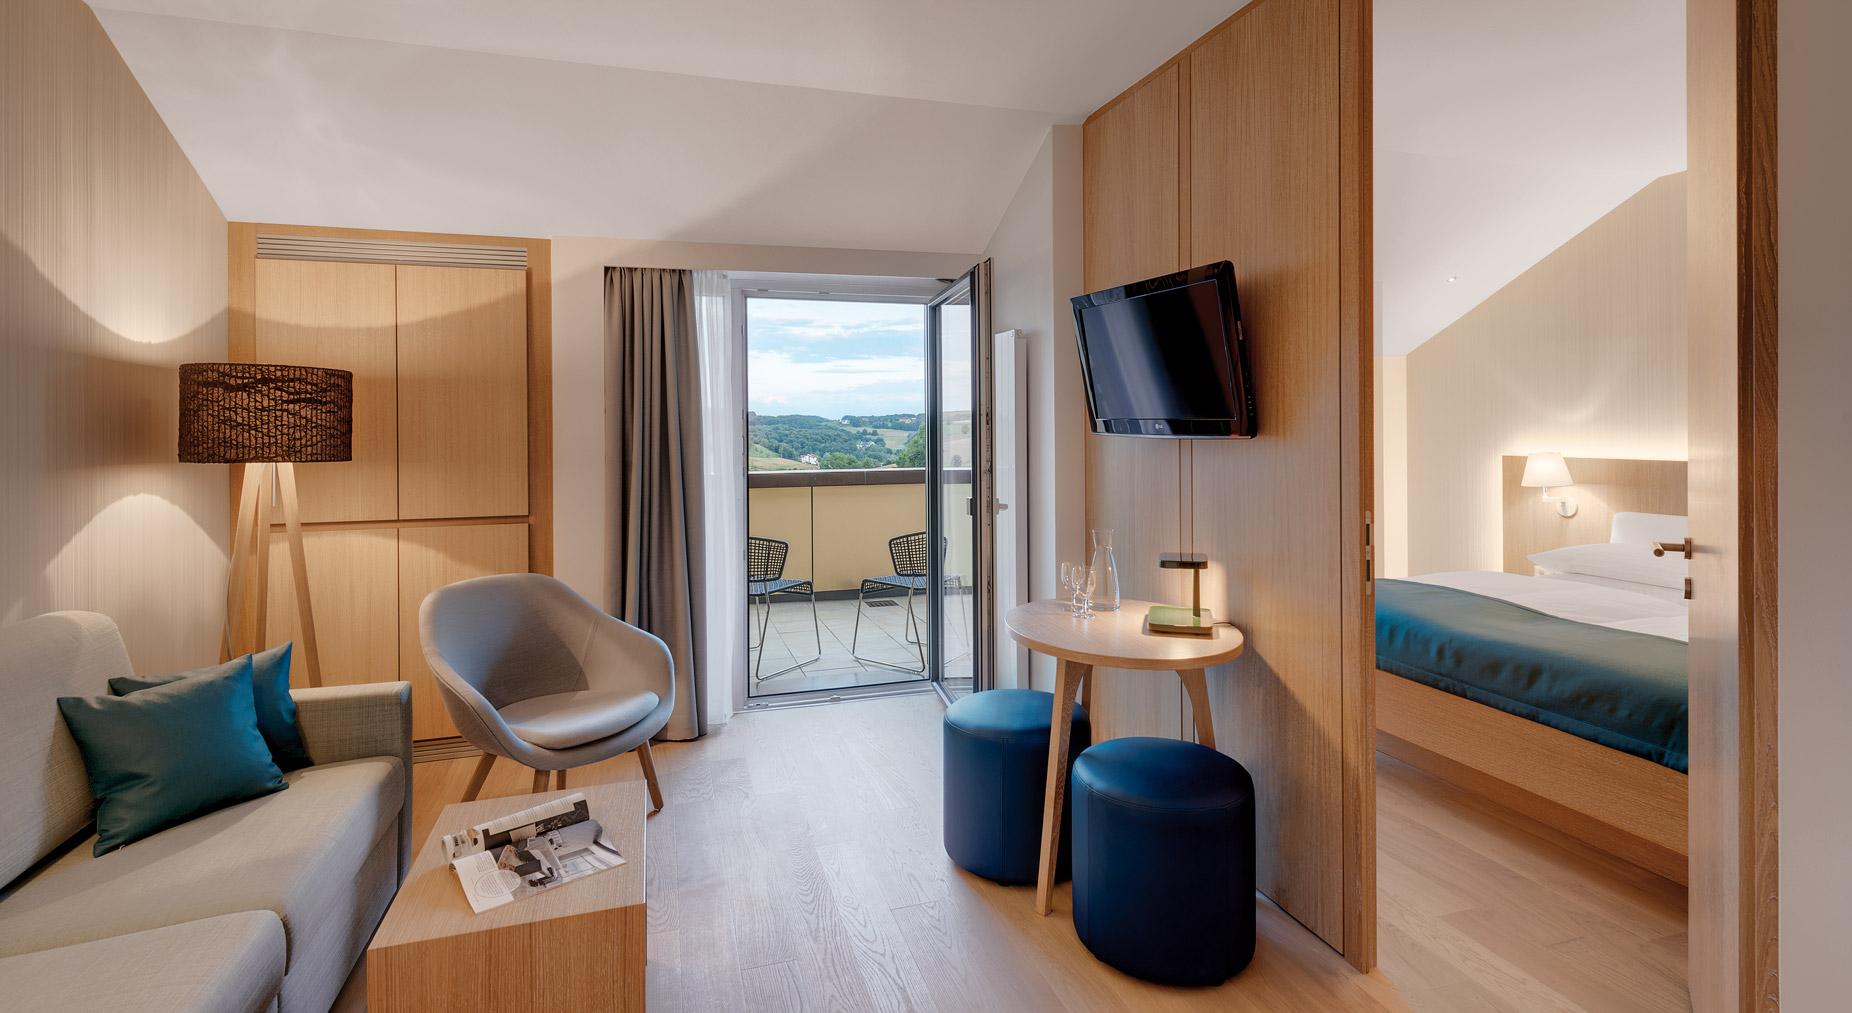 Thermenhotel stoiser zimmer loipersdorf for Zimmer suite